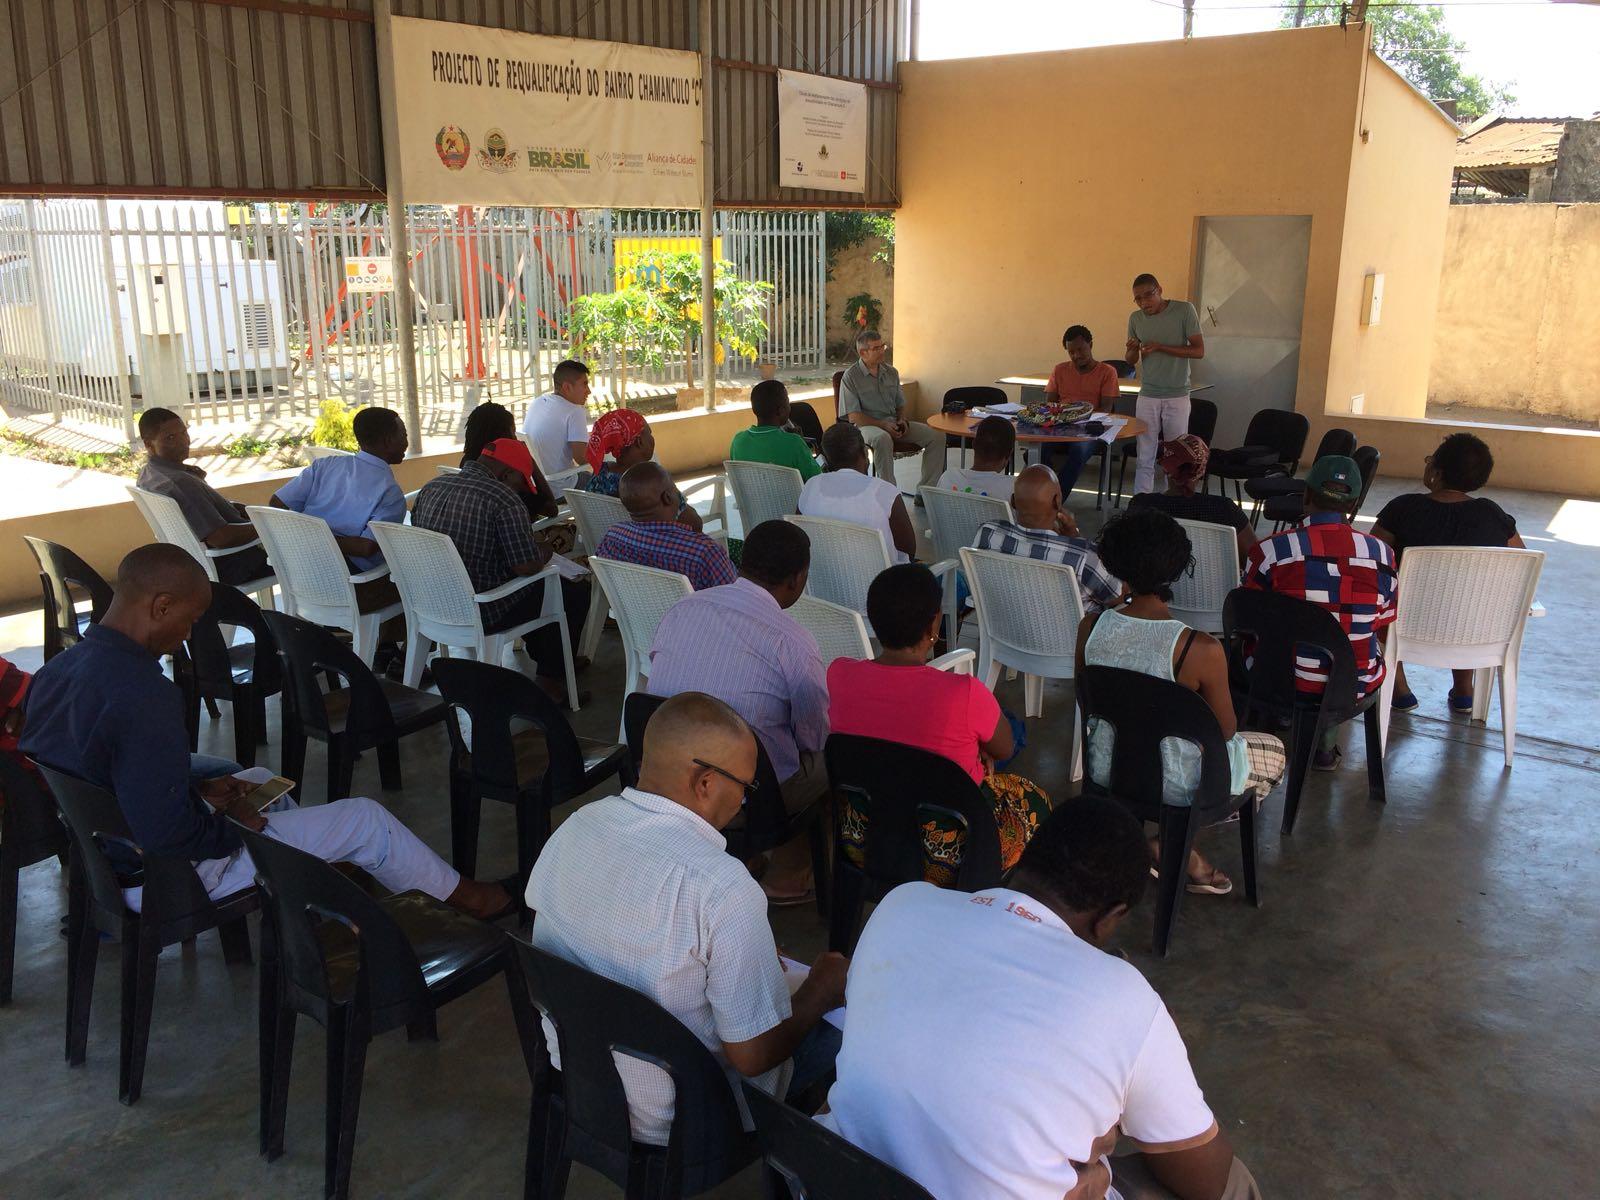 HÀBITAT 2: Dret A La Ciutat En Els Barris Informals De Maputo